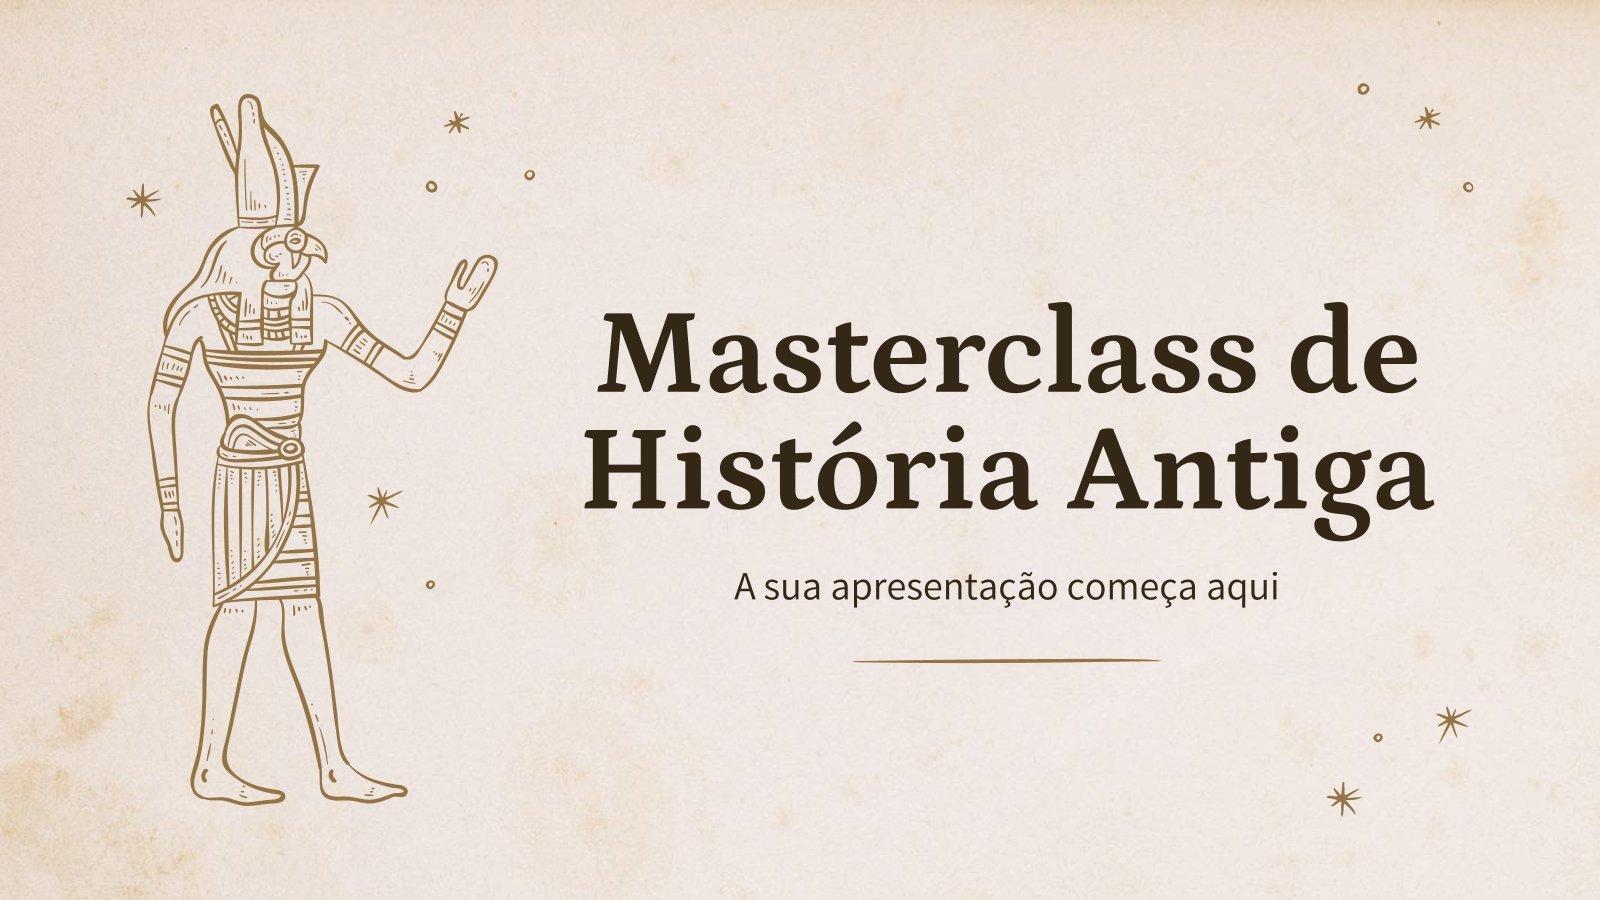 Masterclass de História Antiga Präsentationsvorlage